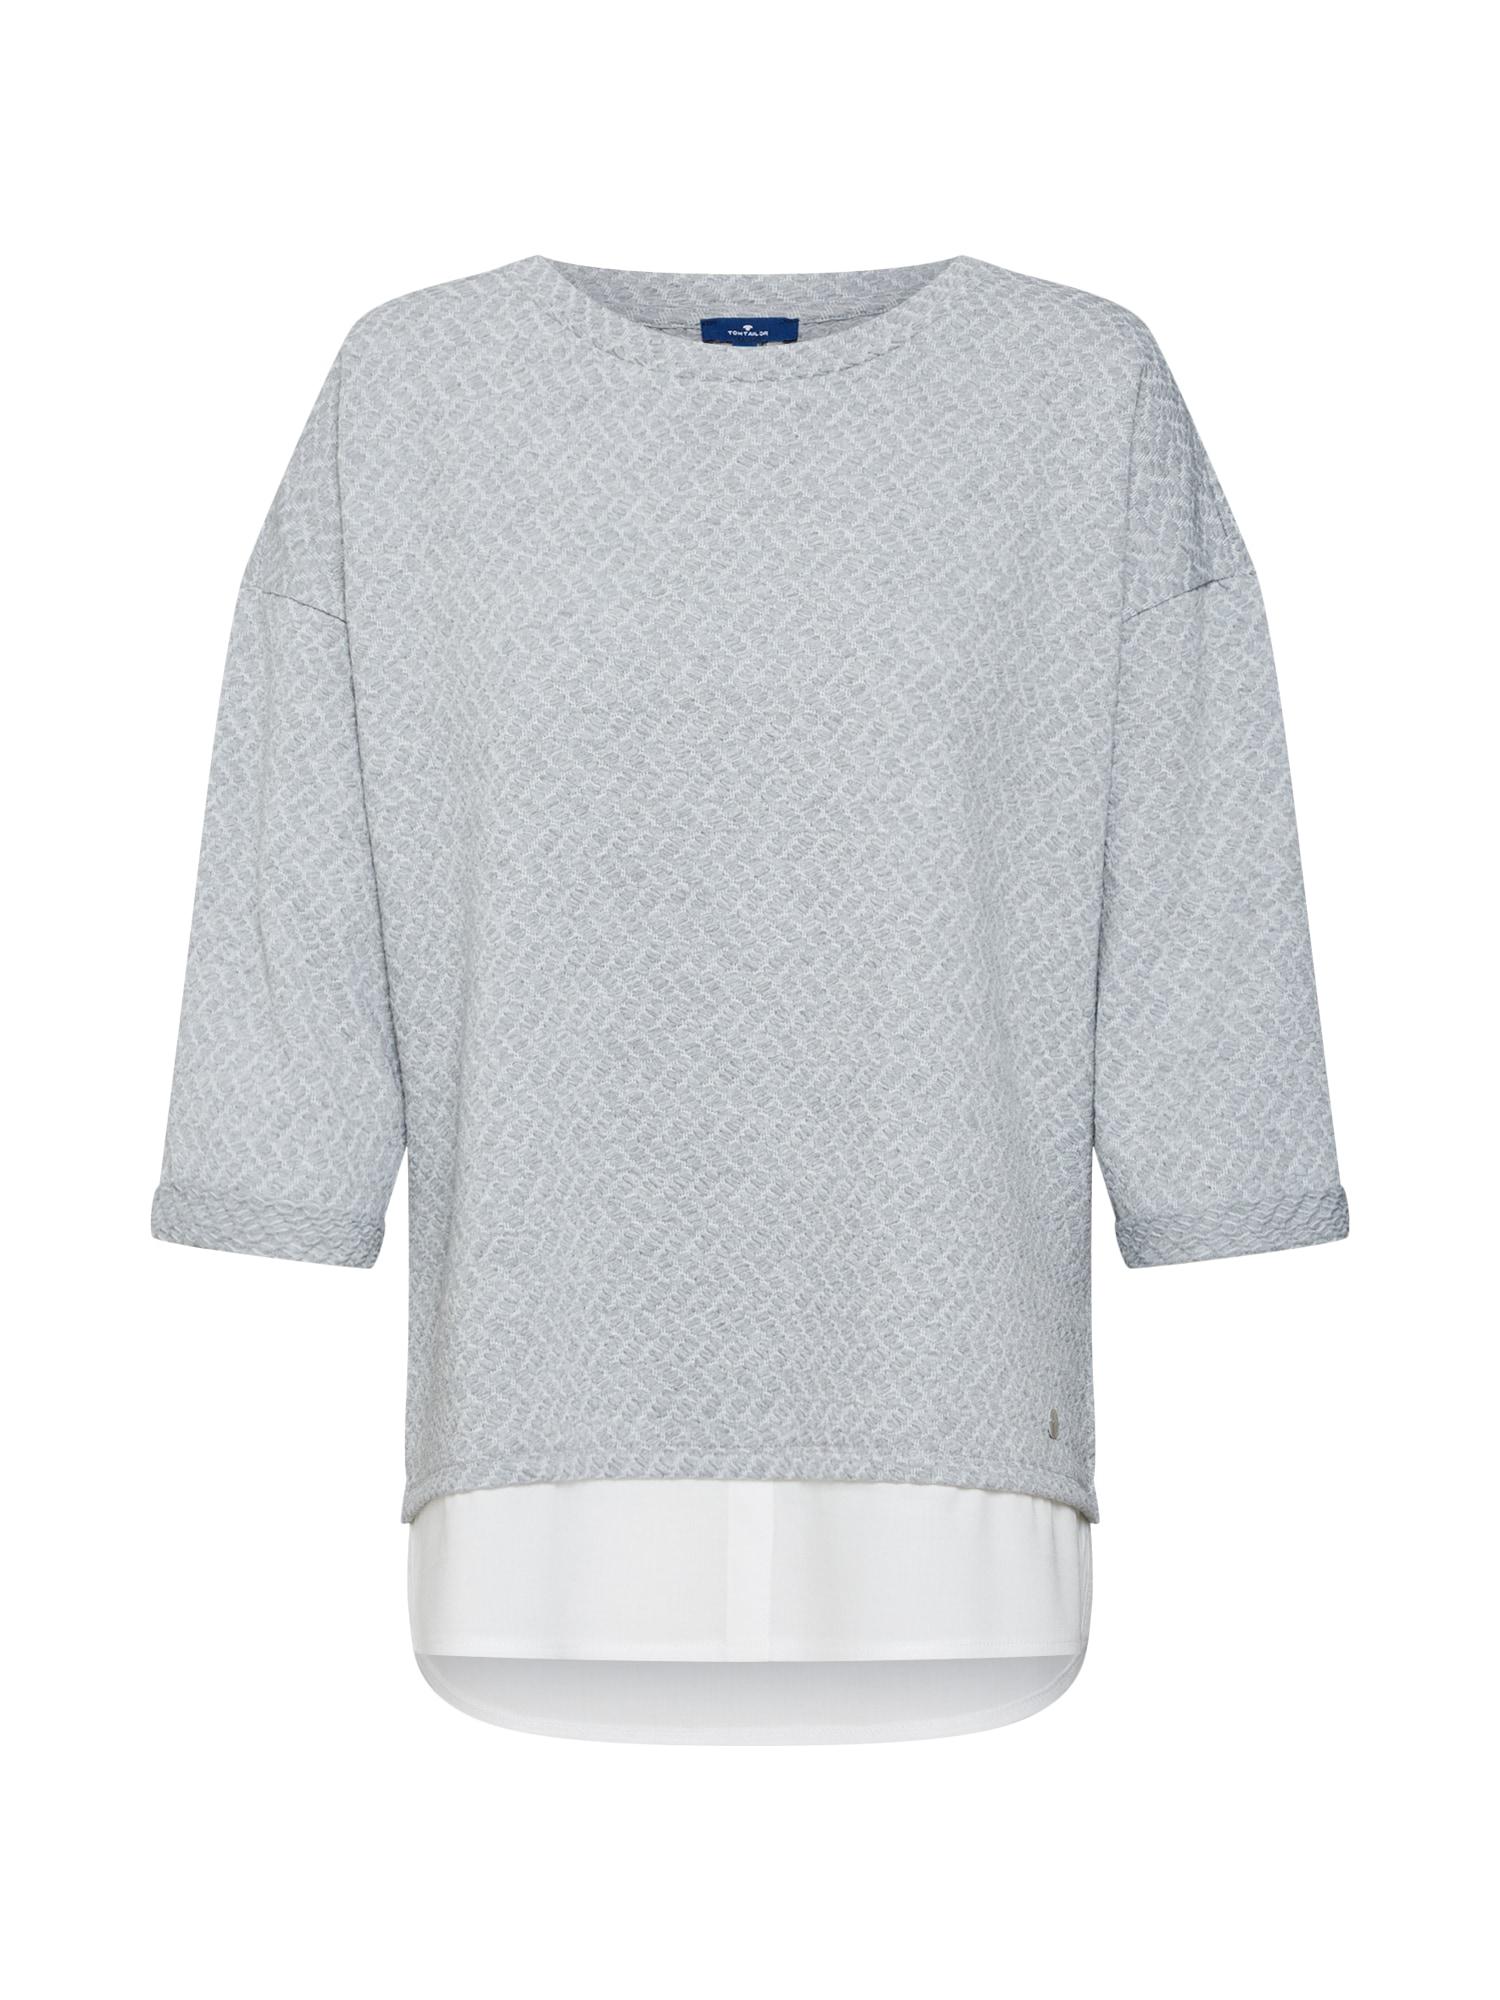 TOM TAILOR, Dames Sweatshirt, zilvergrijs / wit